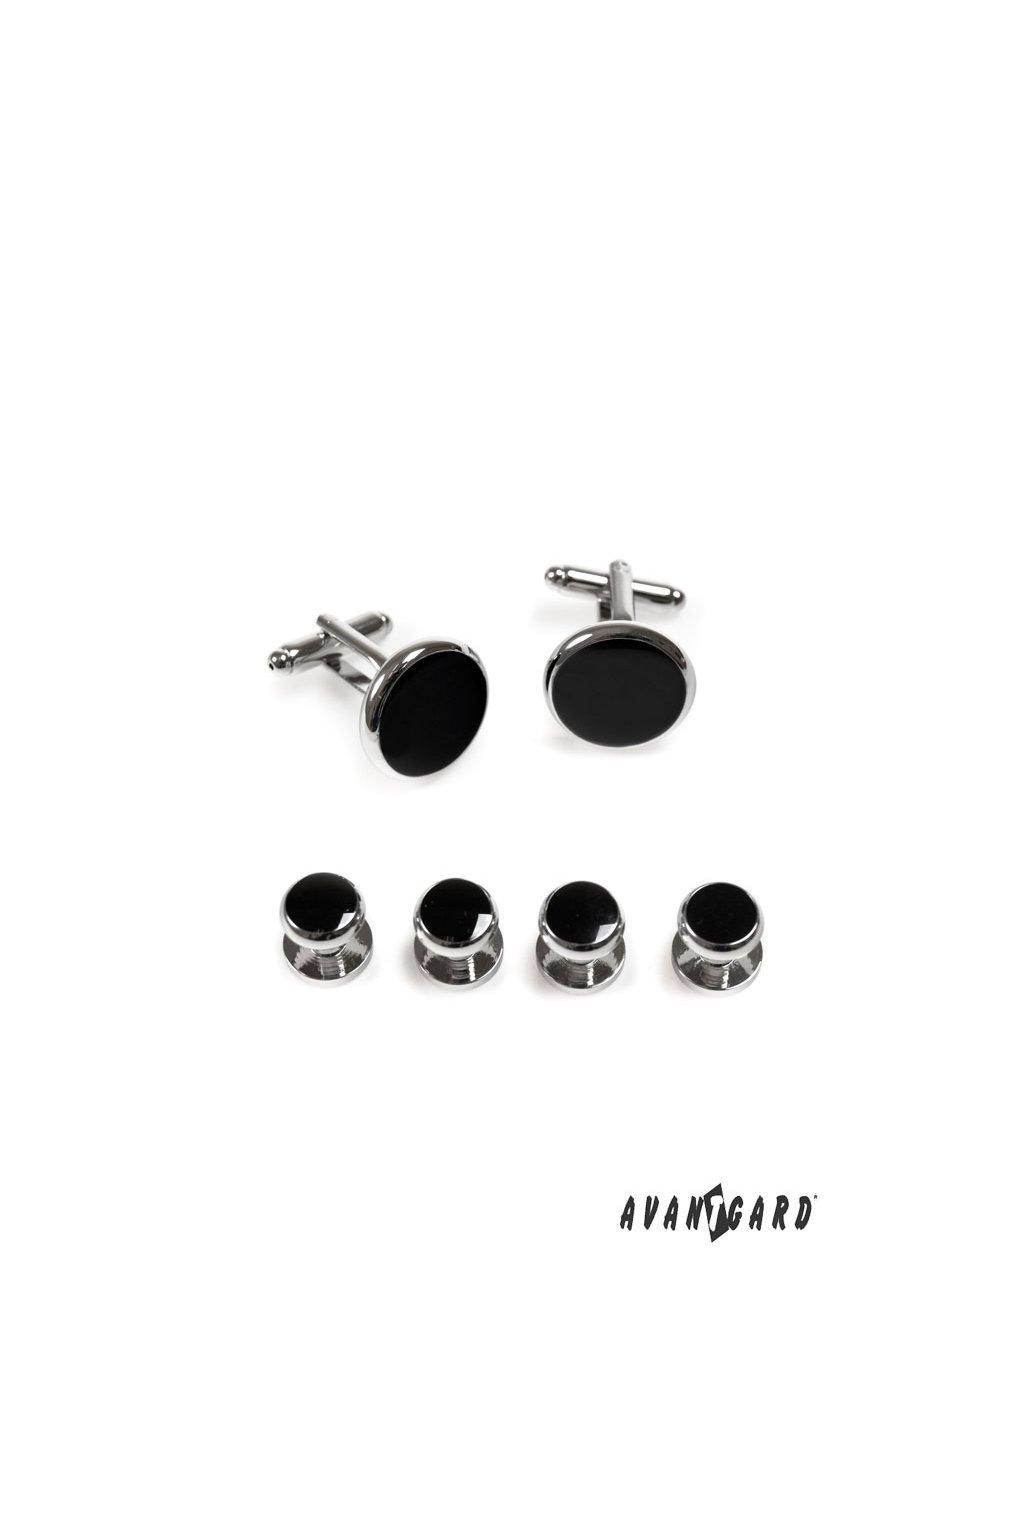 Sada knoflíčků do smokingové košile stříbrná lesk/černá 590 - 20200